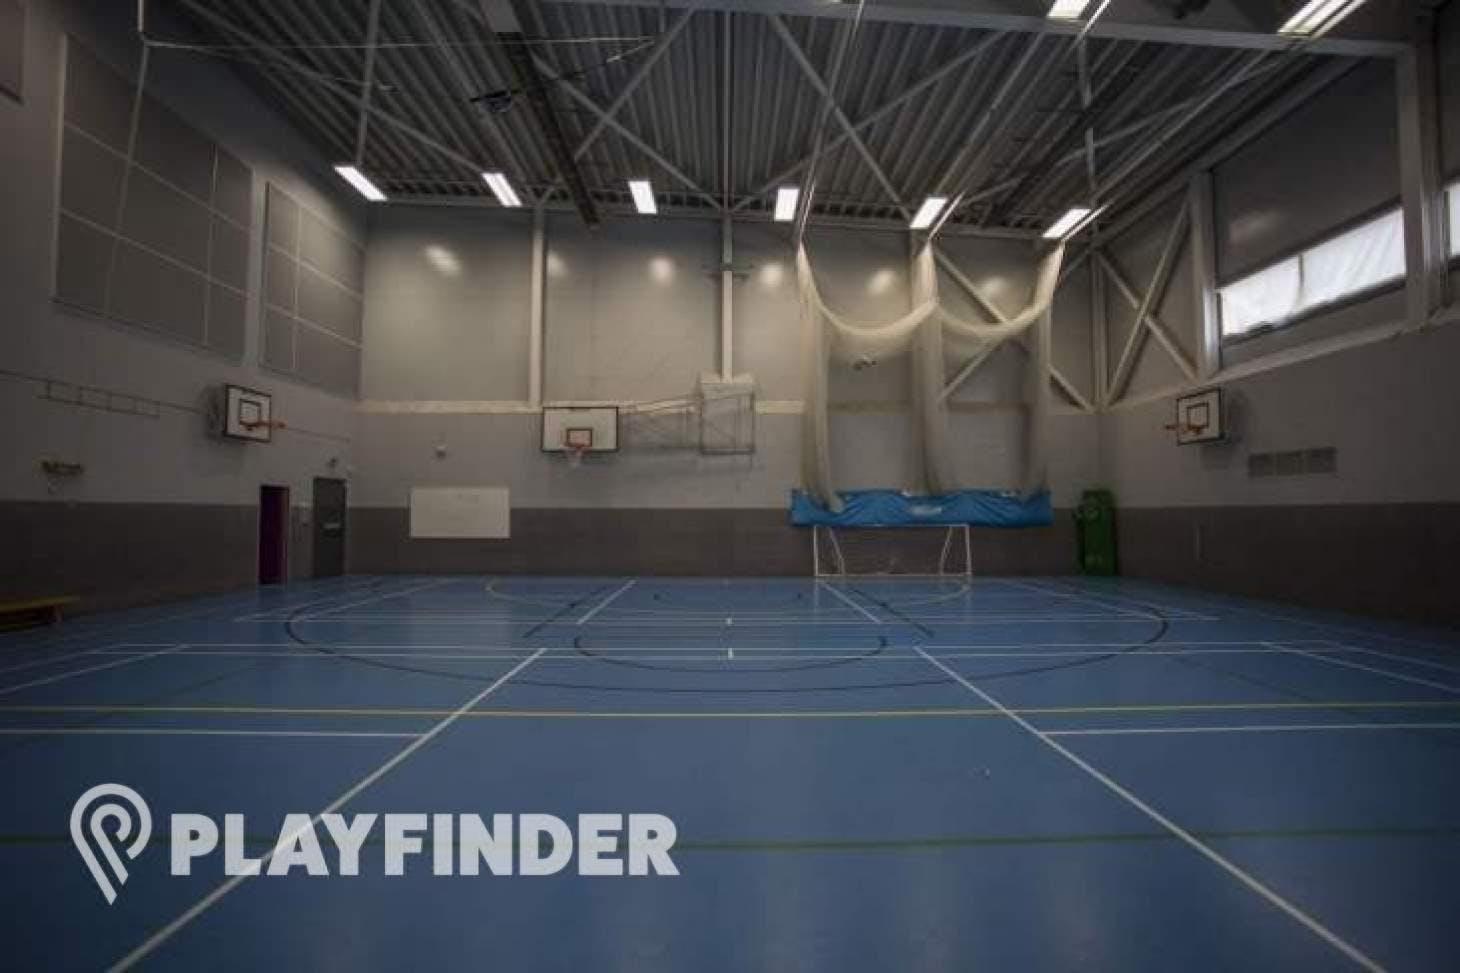 Ark Academy Wembley Indoor netball court